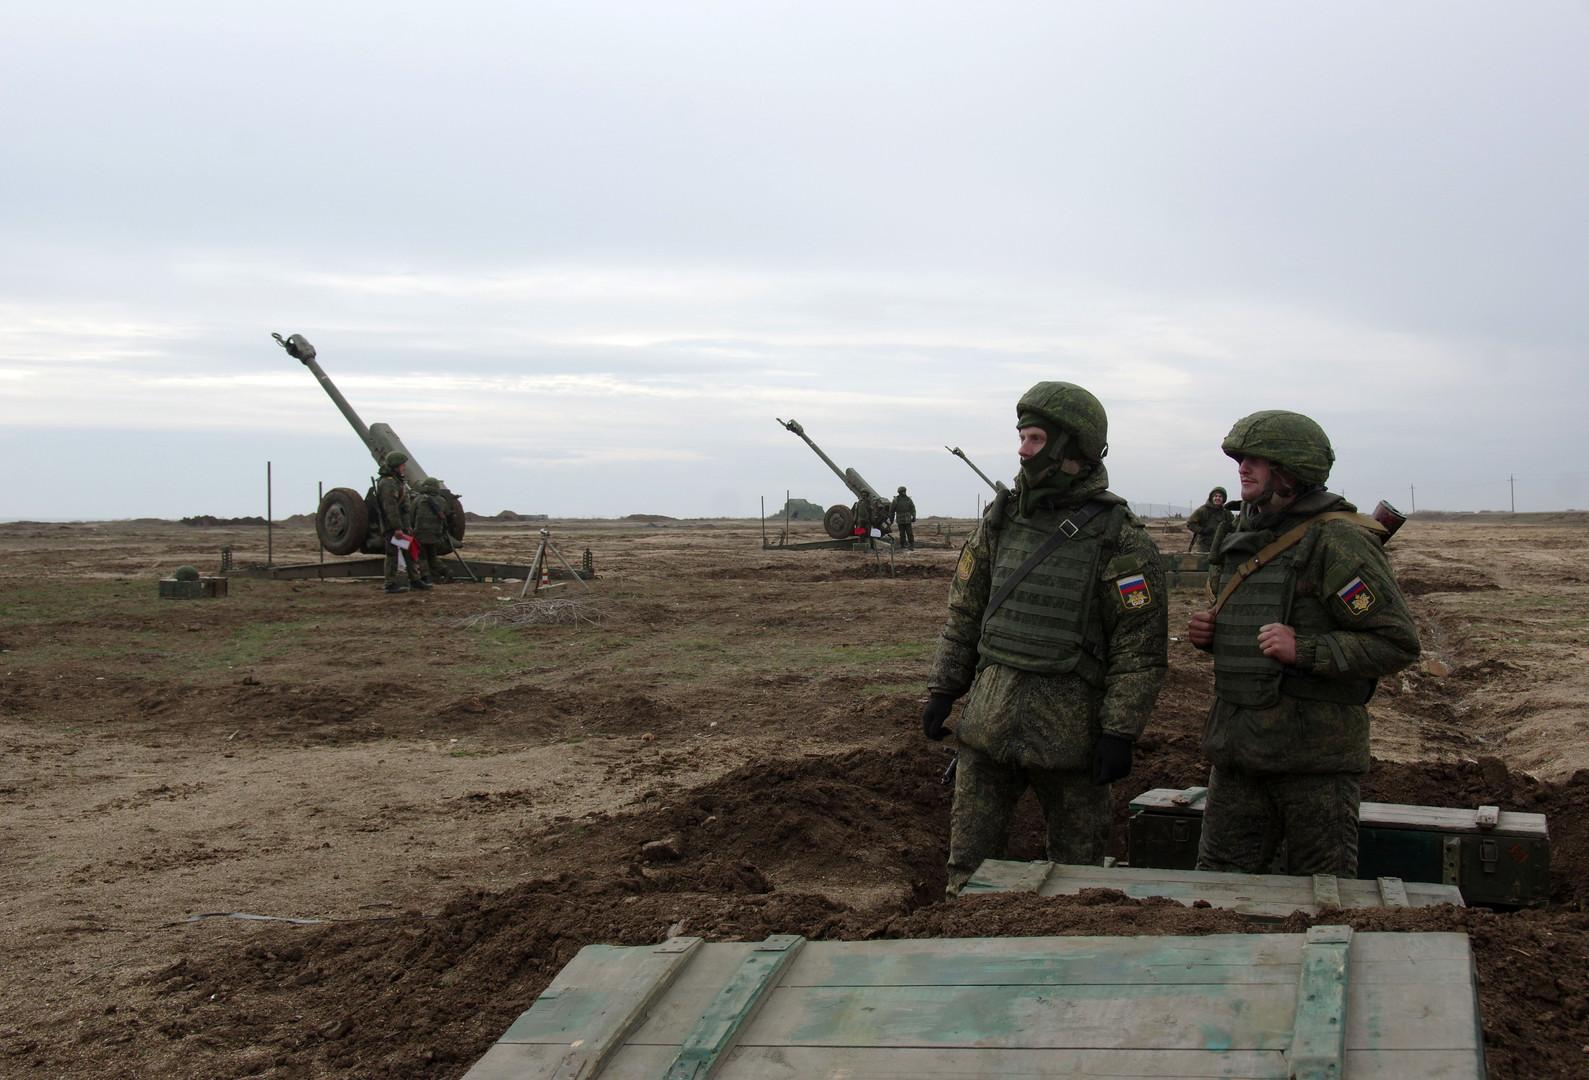 Минобороны: Испытательный пуск противоракеты ближнего действия системы ПРО прошёл успешно